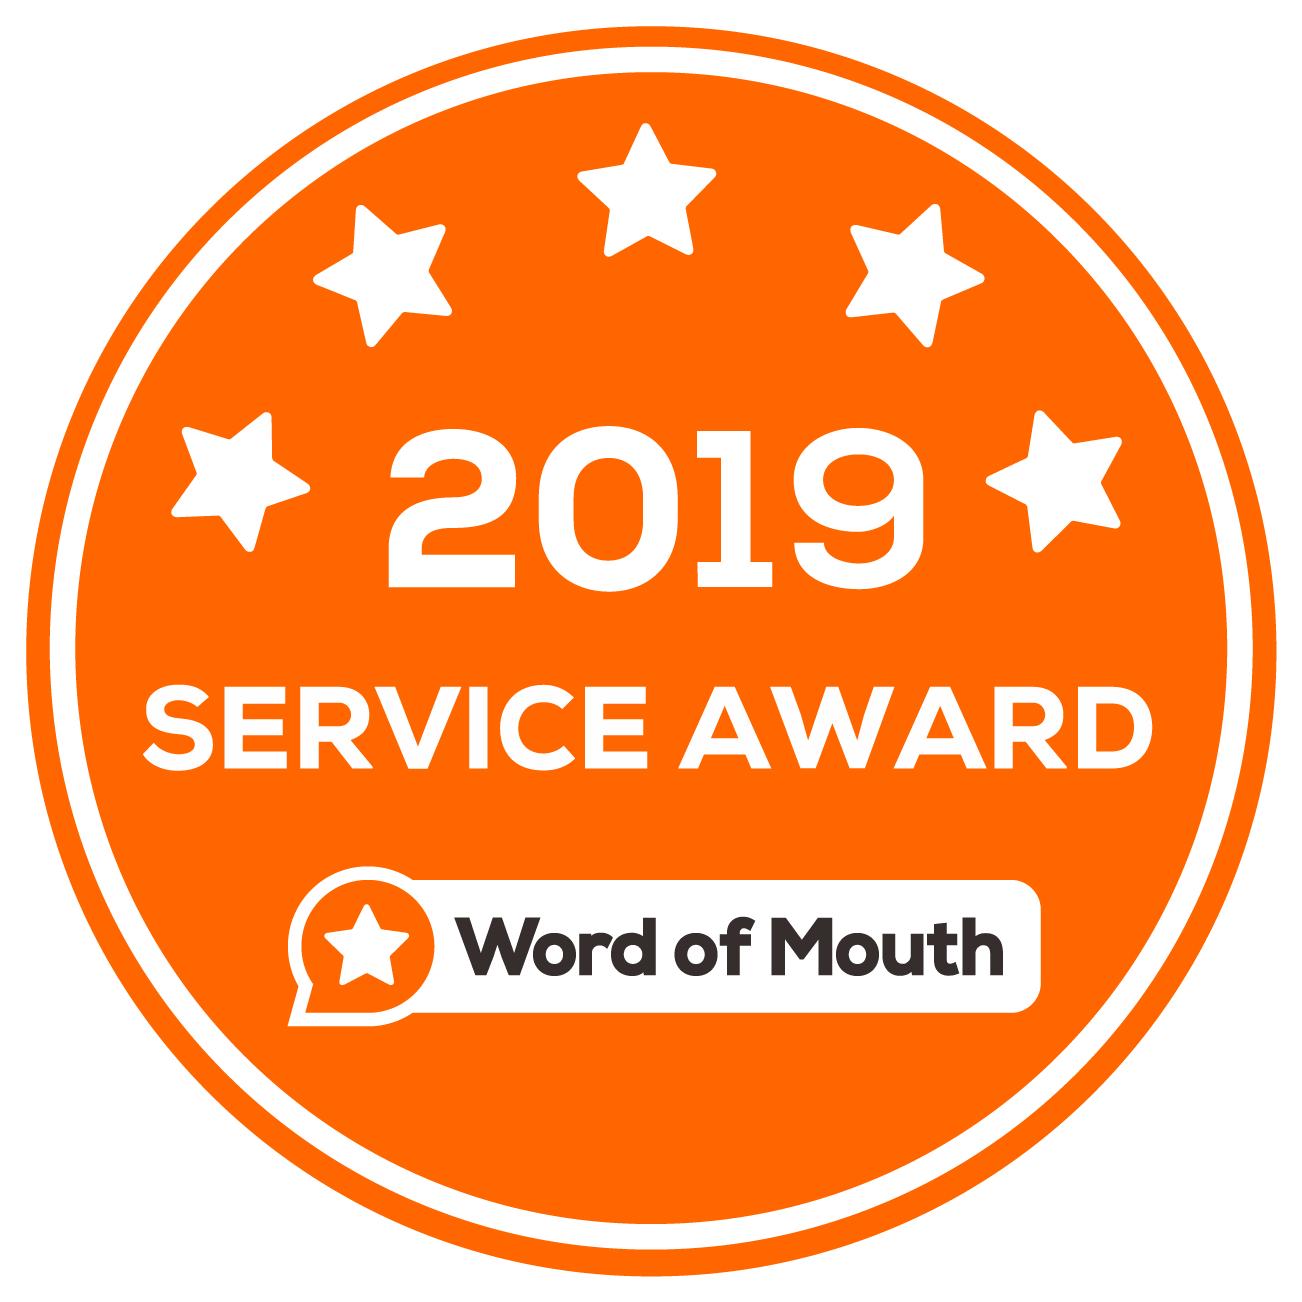 2019 service award